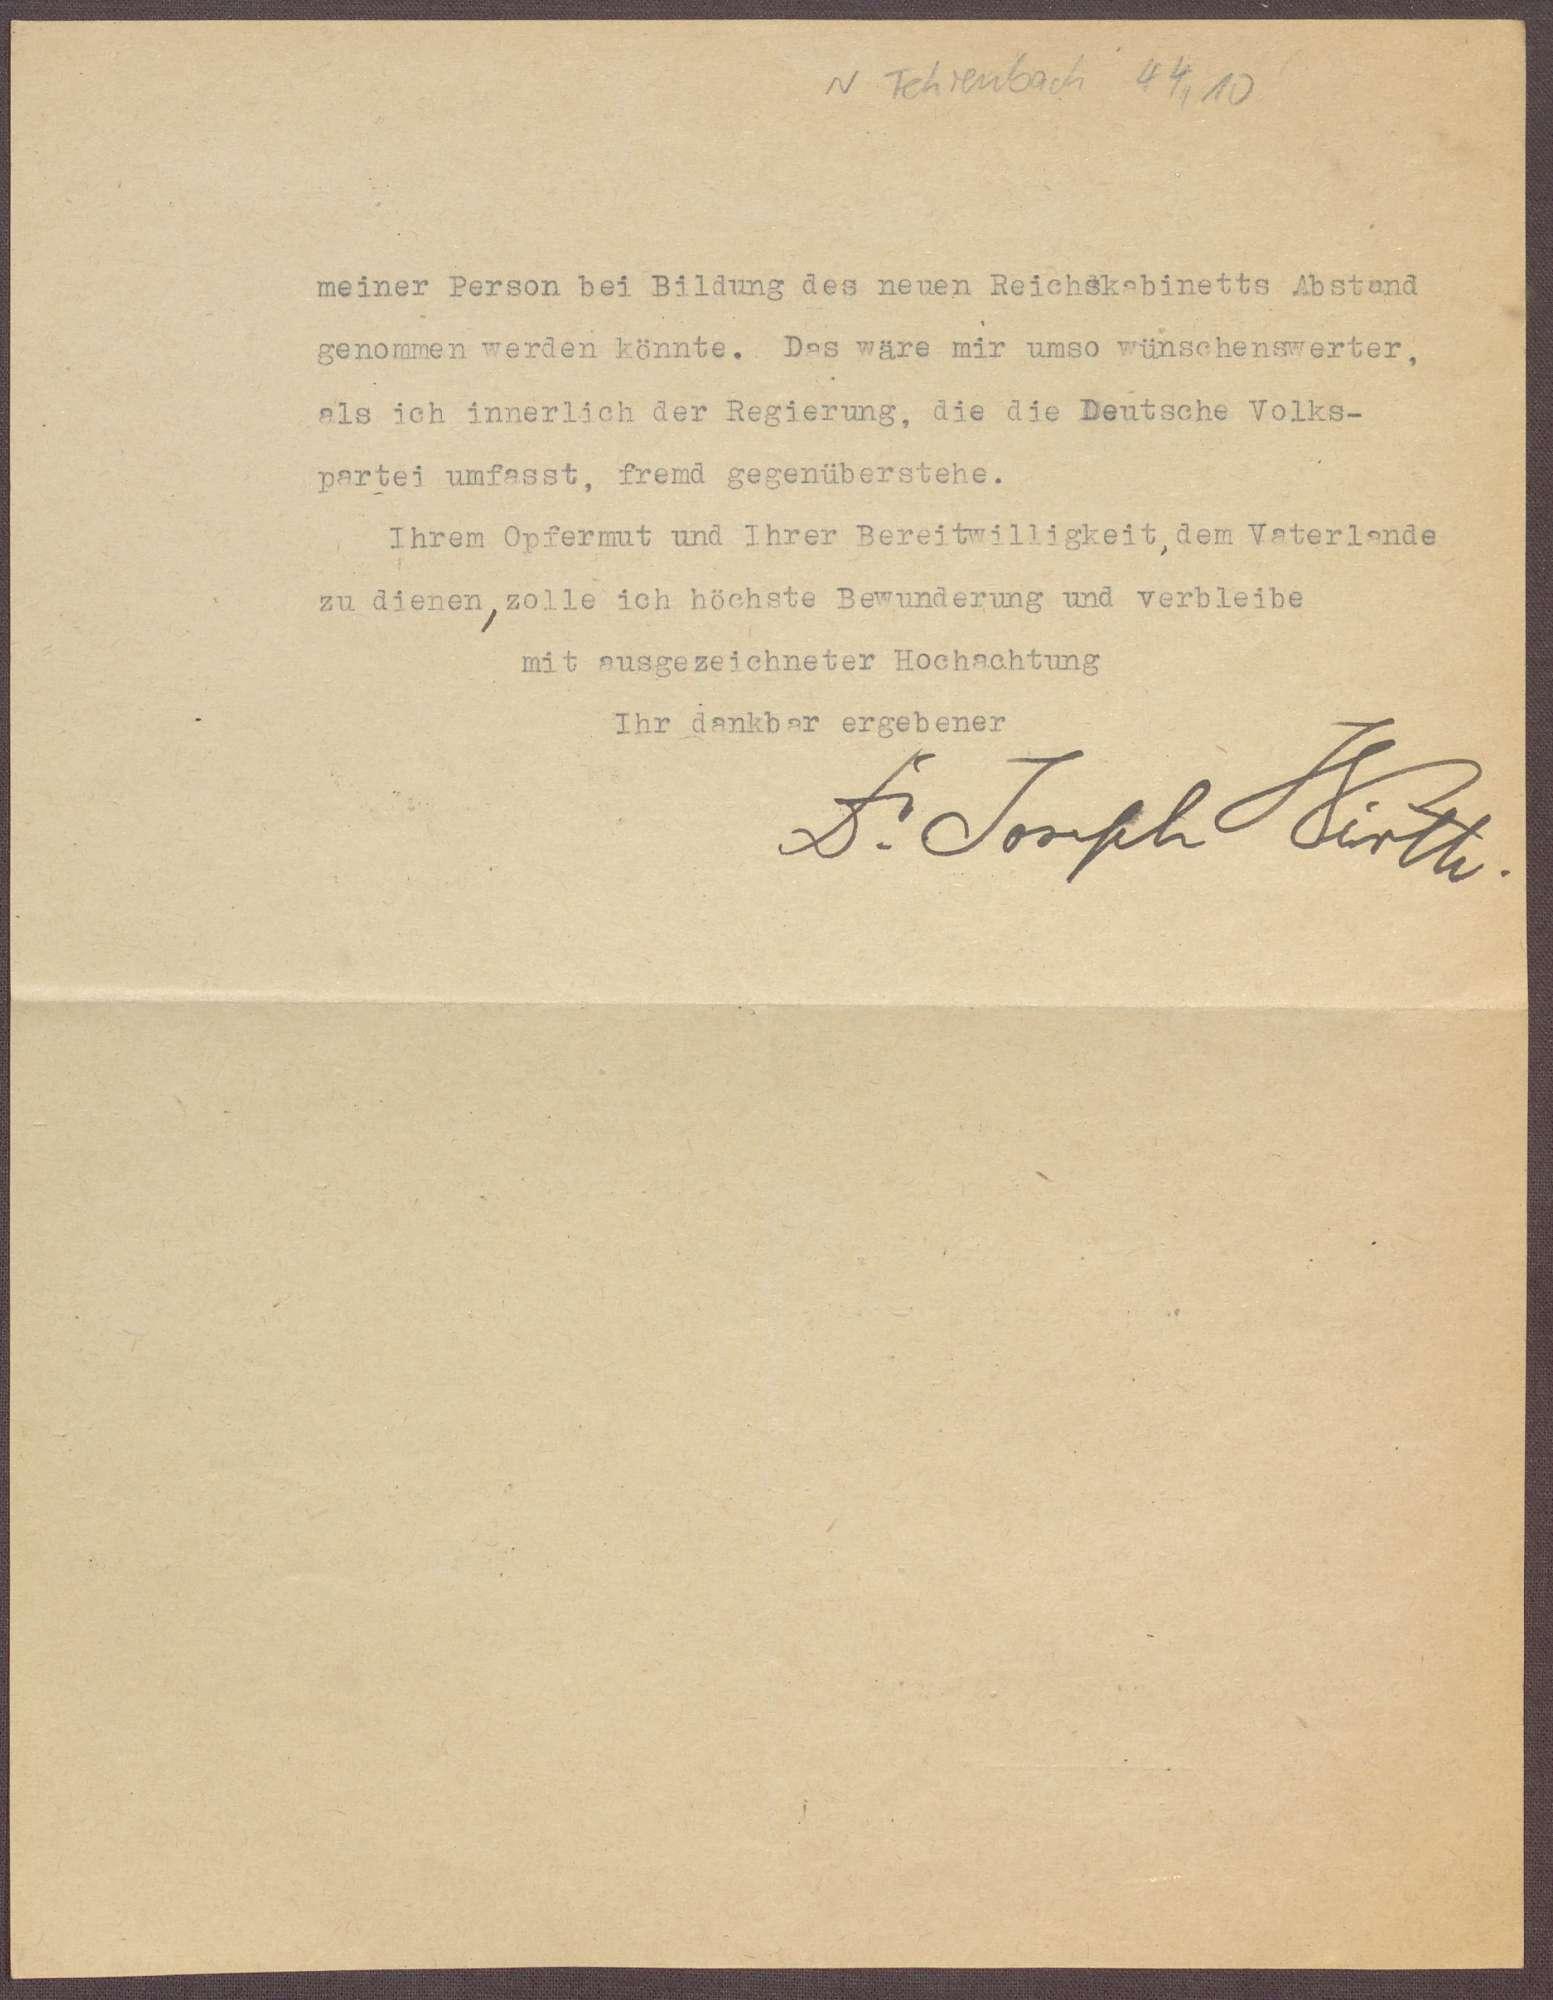 Schreiben von Joseph Wirth an Constantin Fehrenbach, Glückwünsche zur Wahl zum Reichskanzler und Angebot des Verzichtes auf das Amt des Reichsfinanzministers, Bild 2